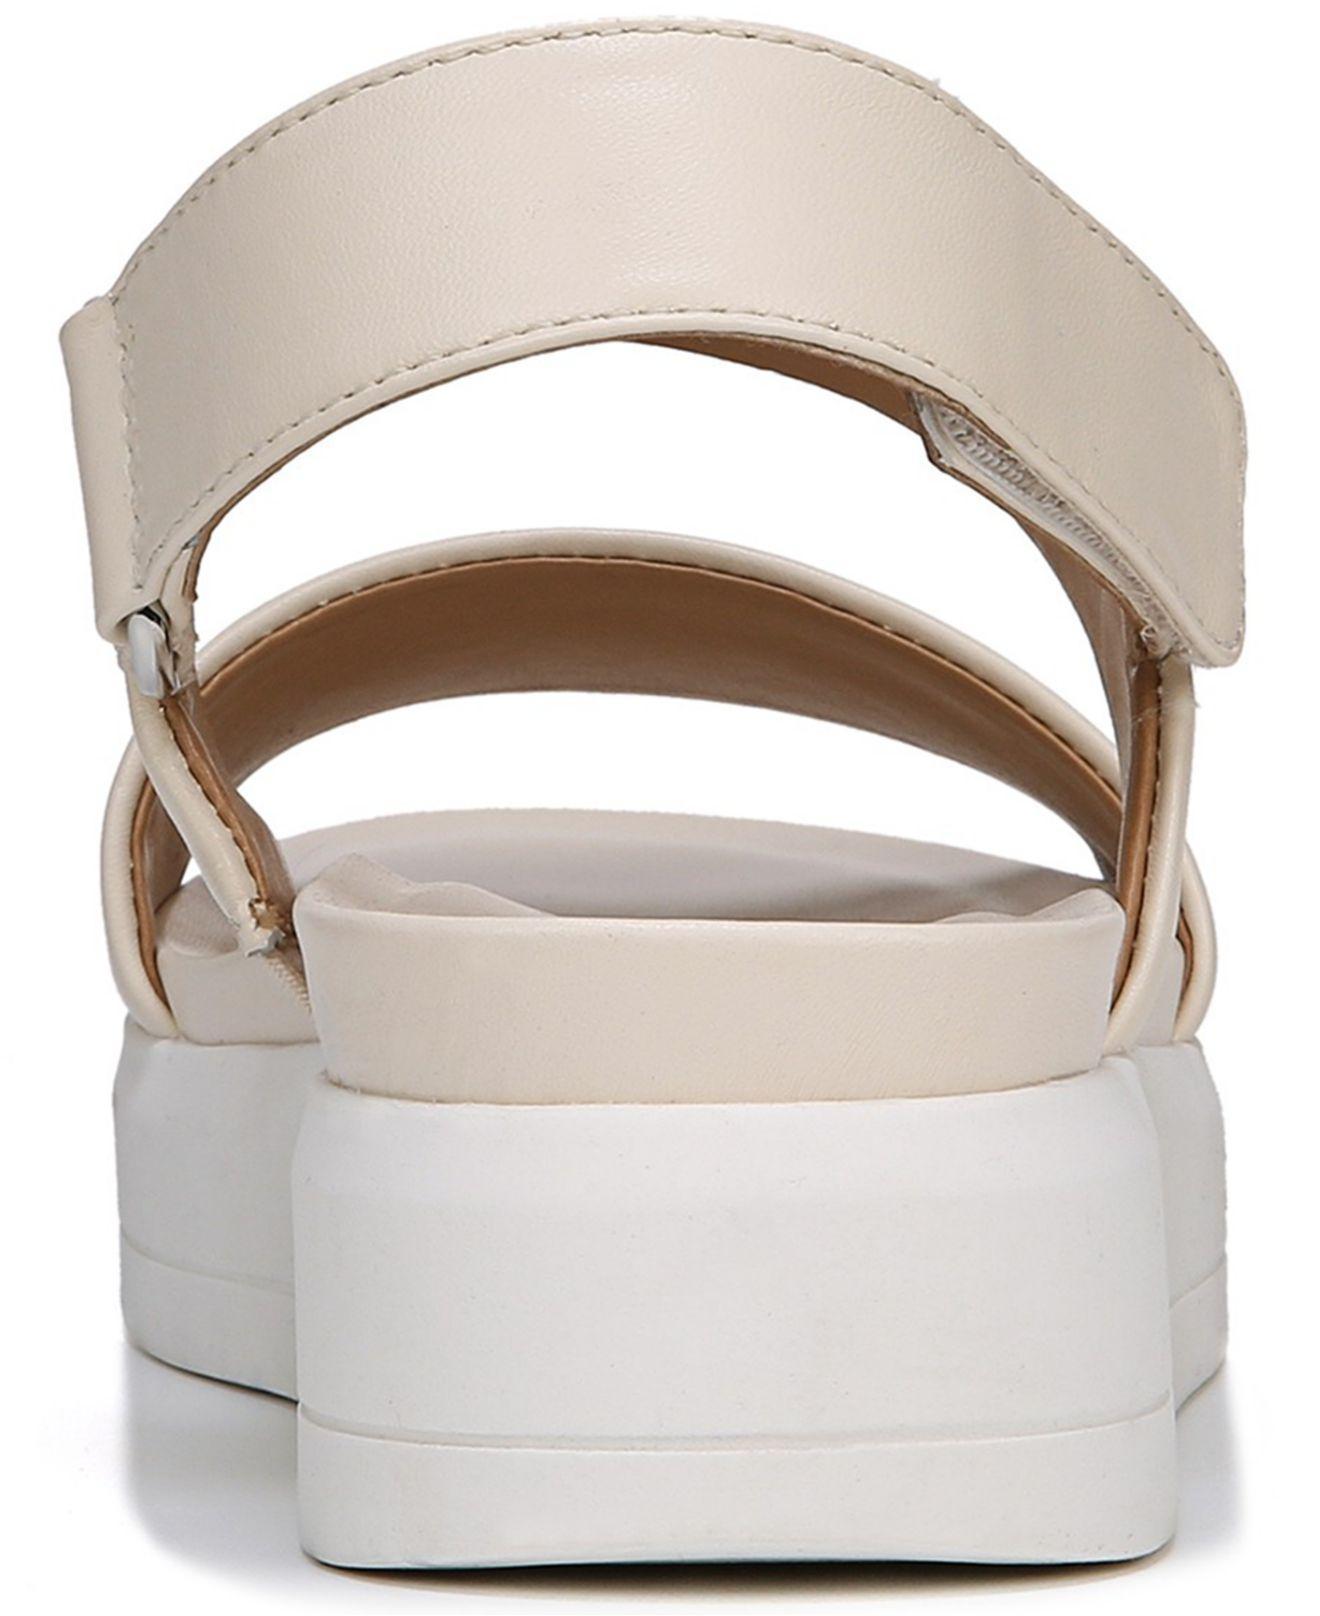 236d88b052a3 Franco Sarto - Multicolor Kenan Platform Wedge Sandals - Lyst. View  fullscreen